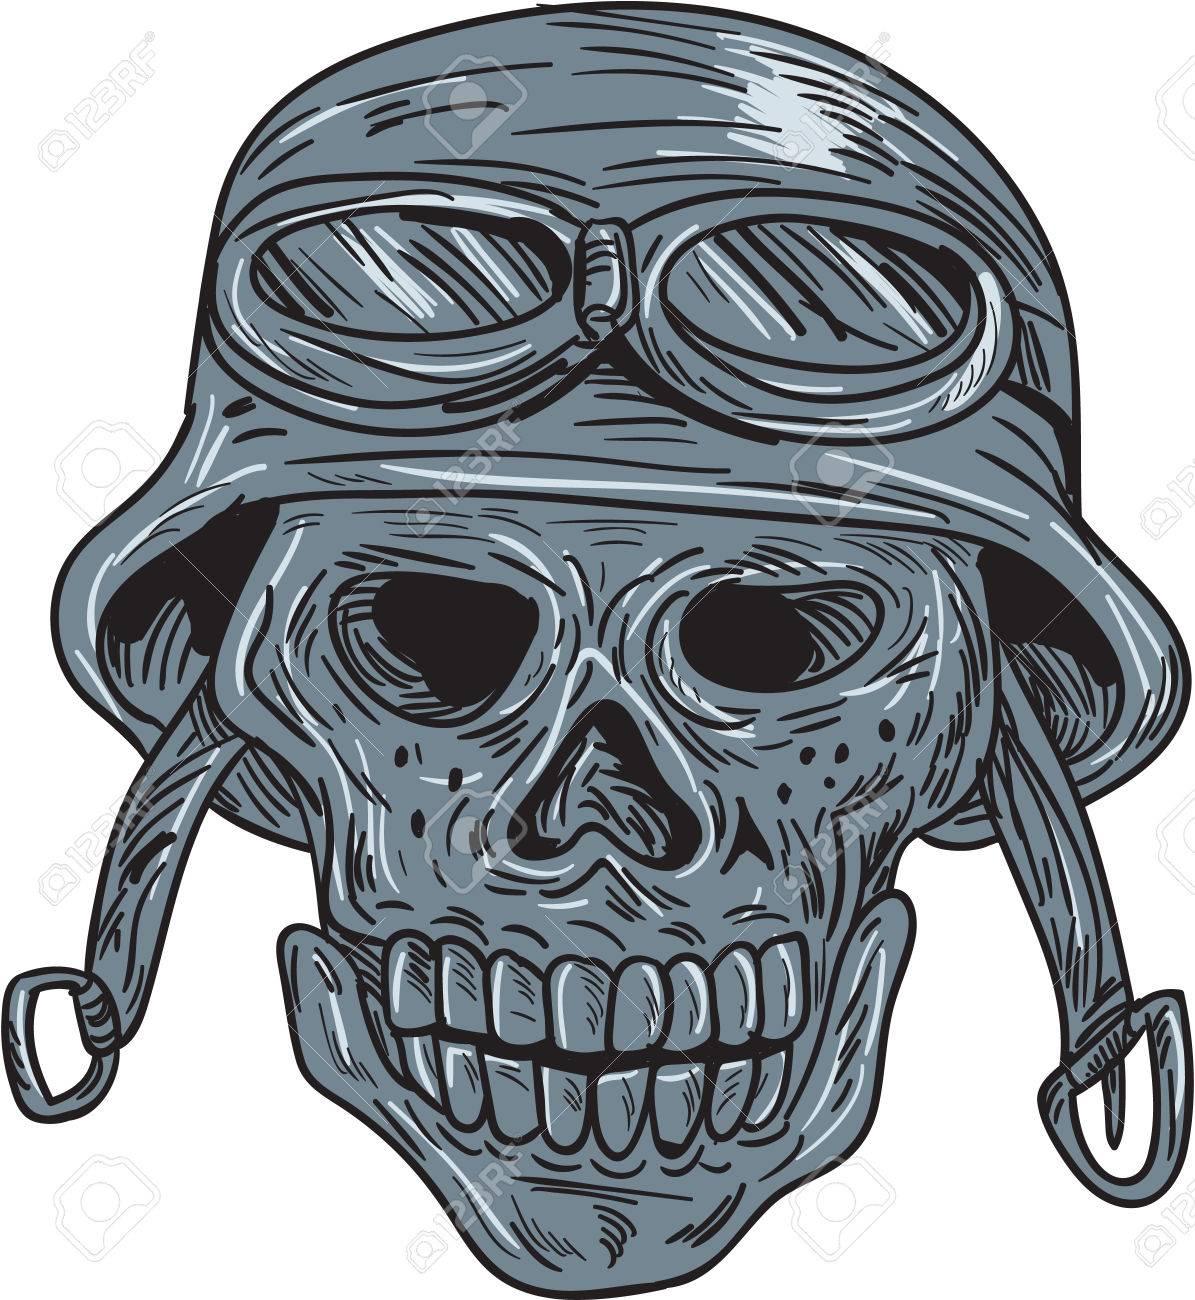 Dessin De Motard dessin croquis illustration de style d'un motard de crâne portant